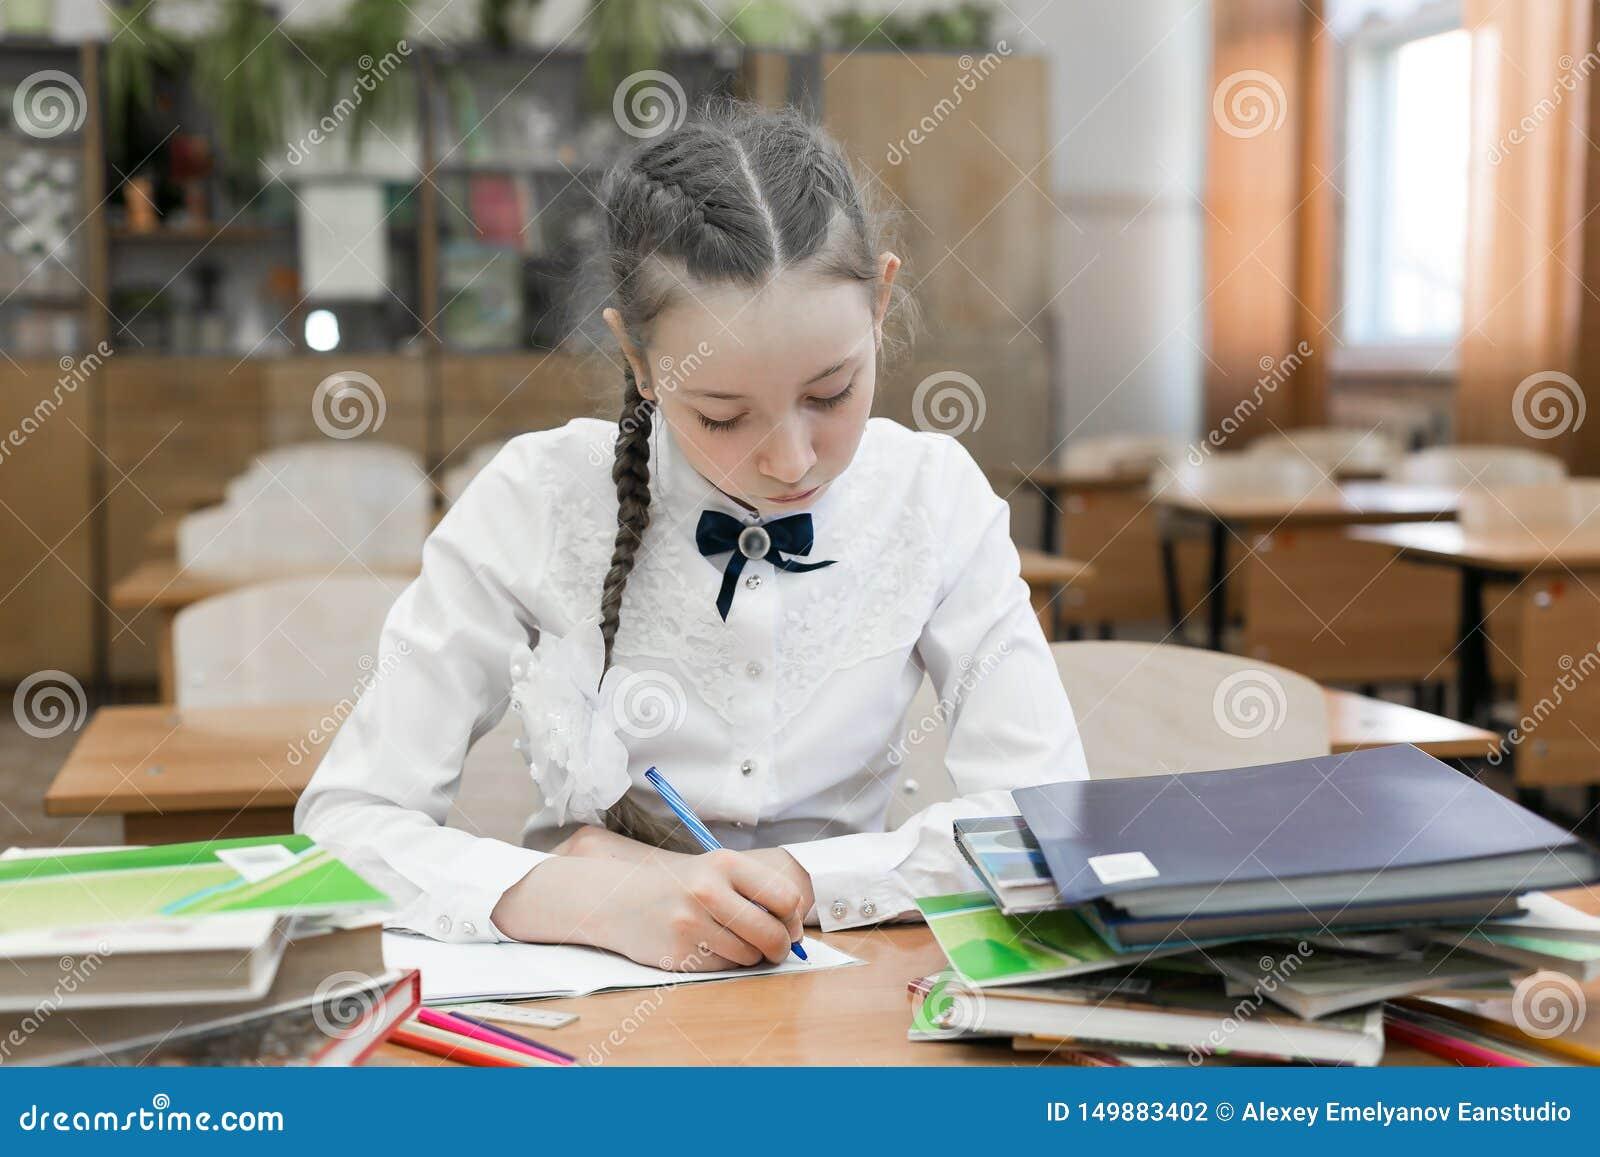 Ένας επιτυχής σπουδαστής κοριτσιών είναι ένας άριστος σπουδαστής που κάνει την εργασία της